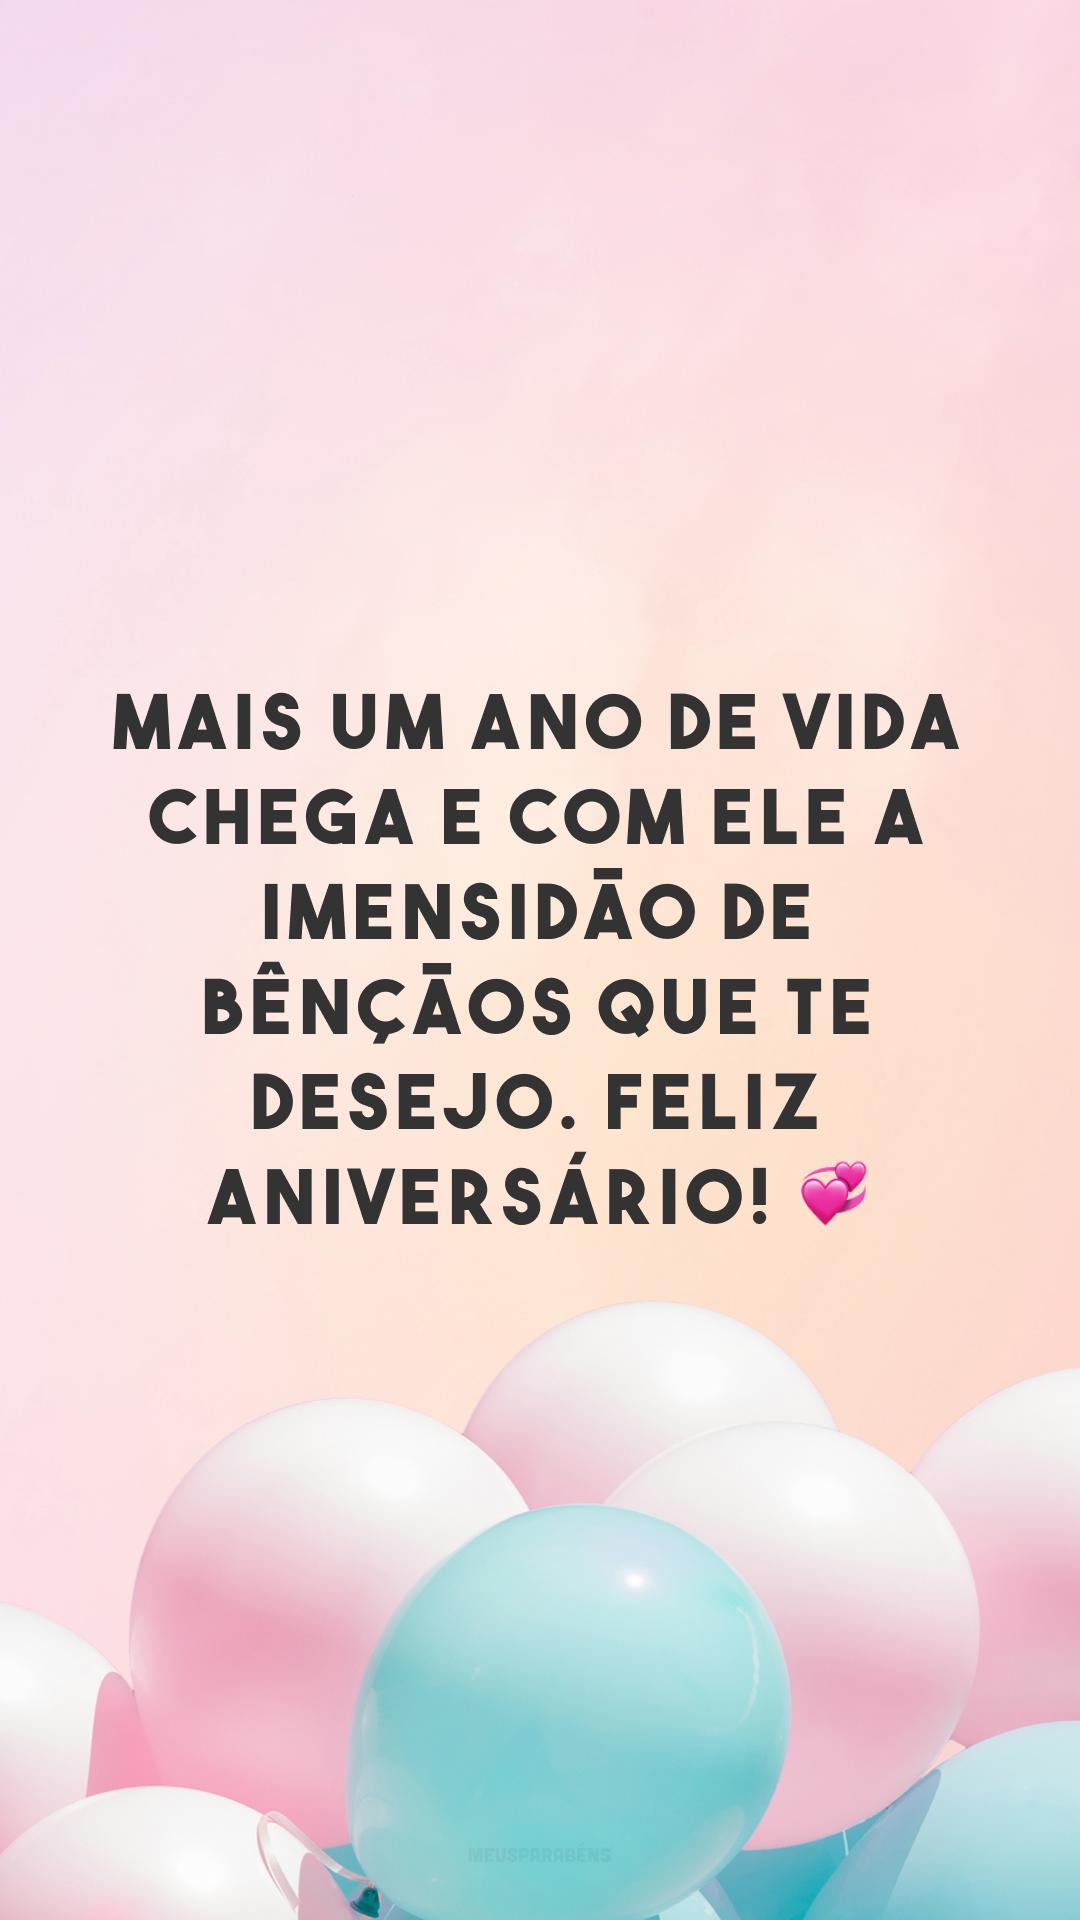 Mais um ano de vida chega e com ele a imensidão de bênçãos que te desejo. Feliz aniversário! 💞